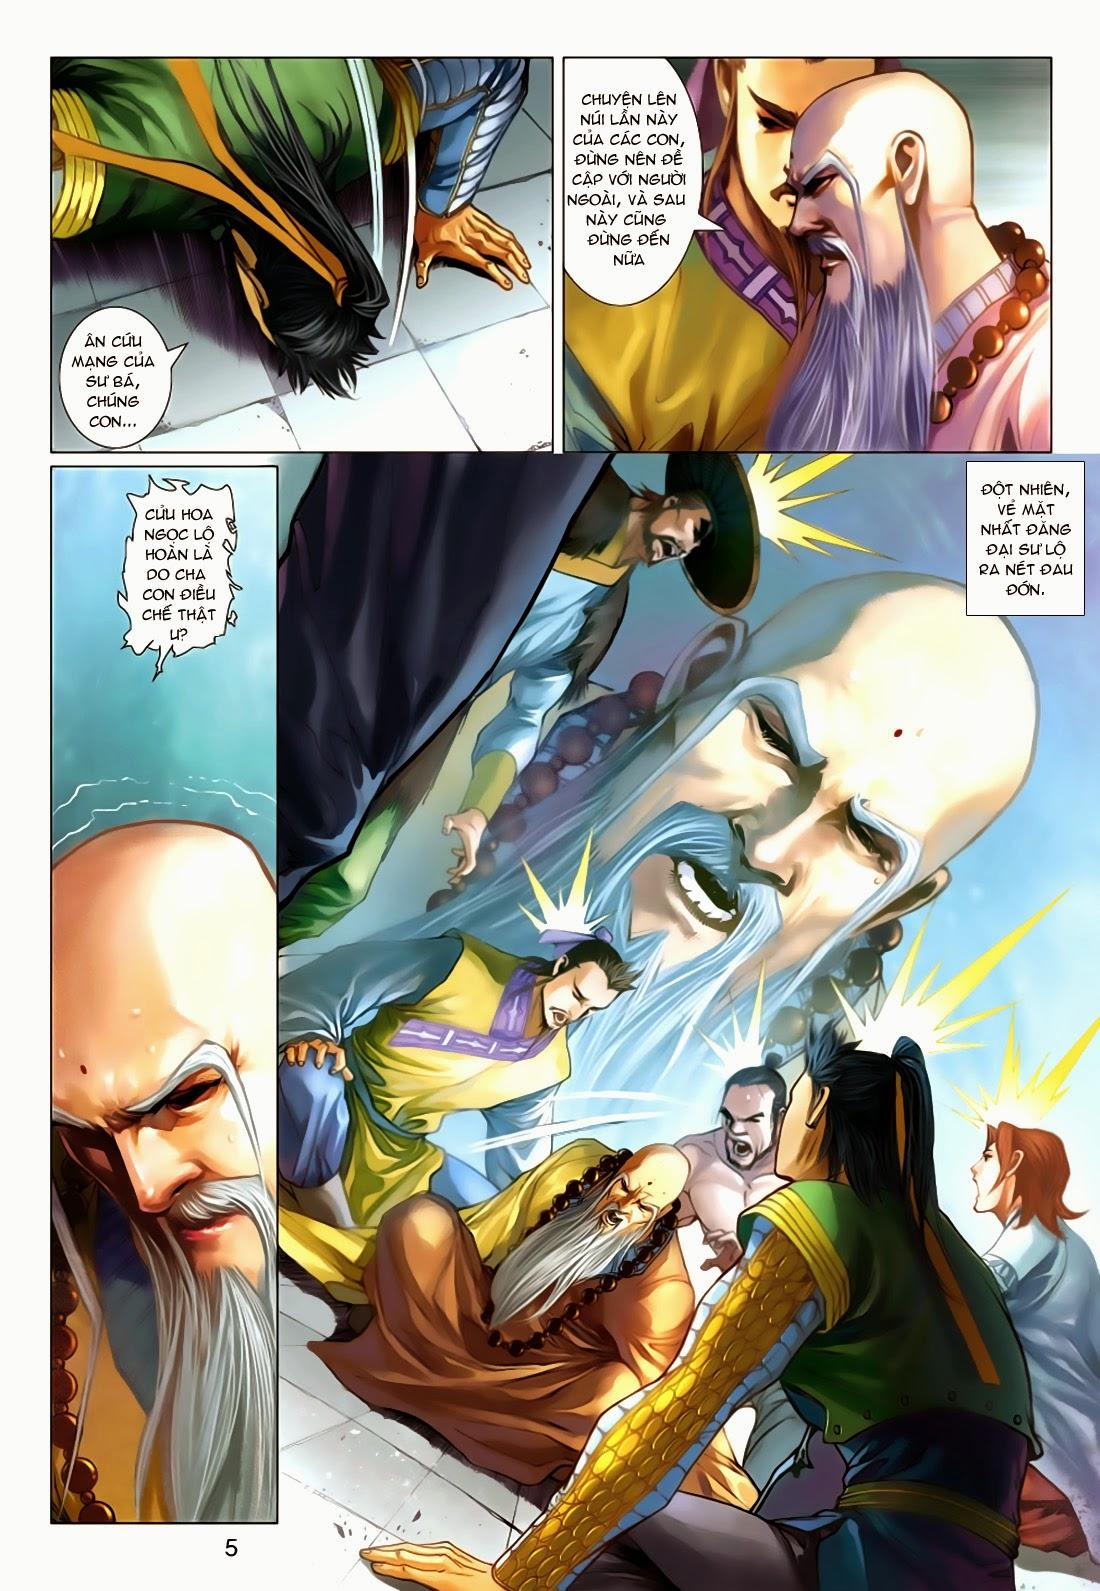 xem truyen moi - Anh Hùng Xạ Điêu - Chapter 74: Độc Kế